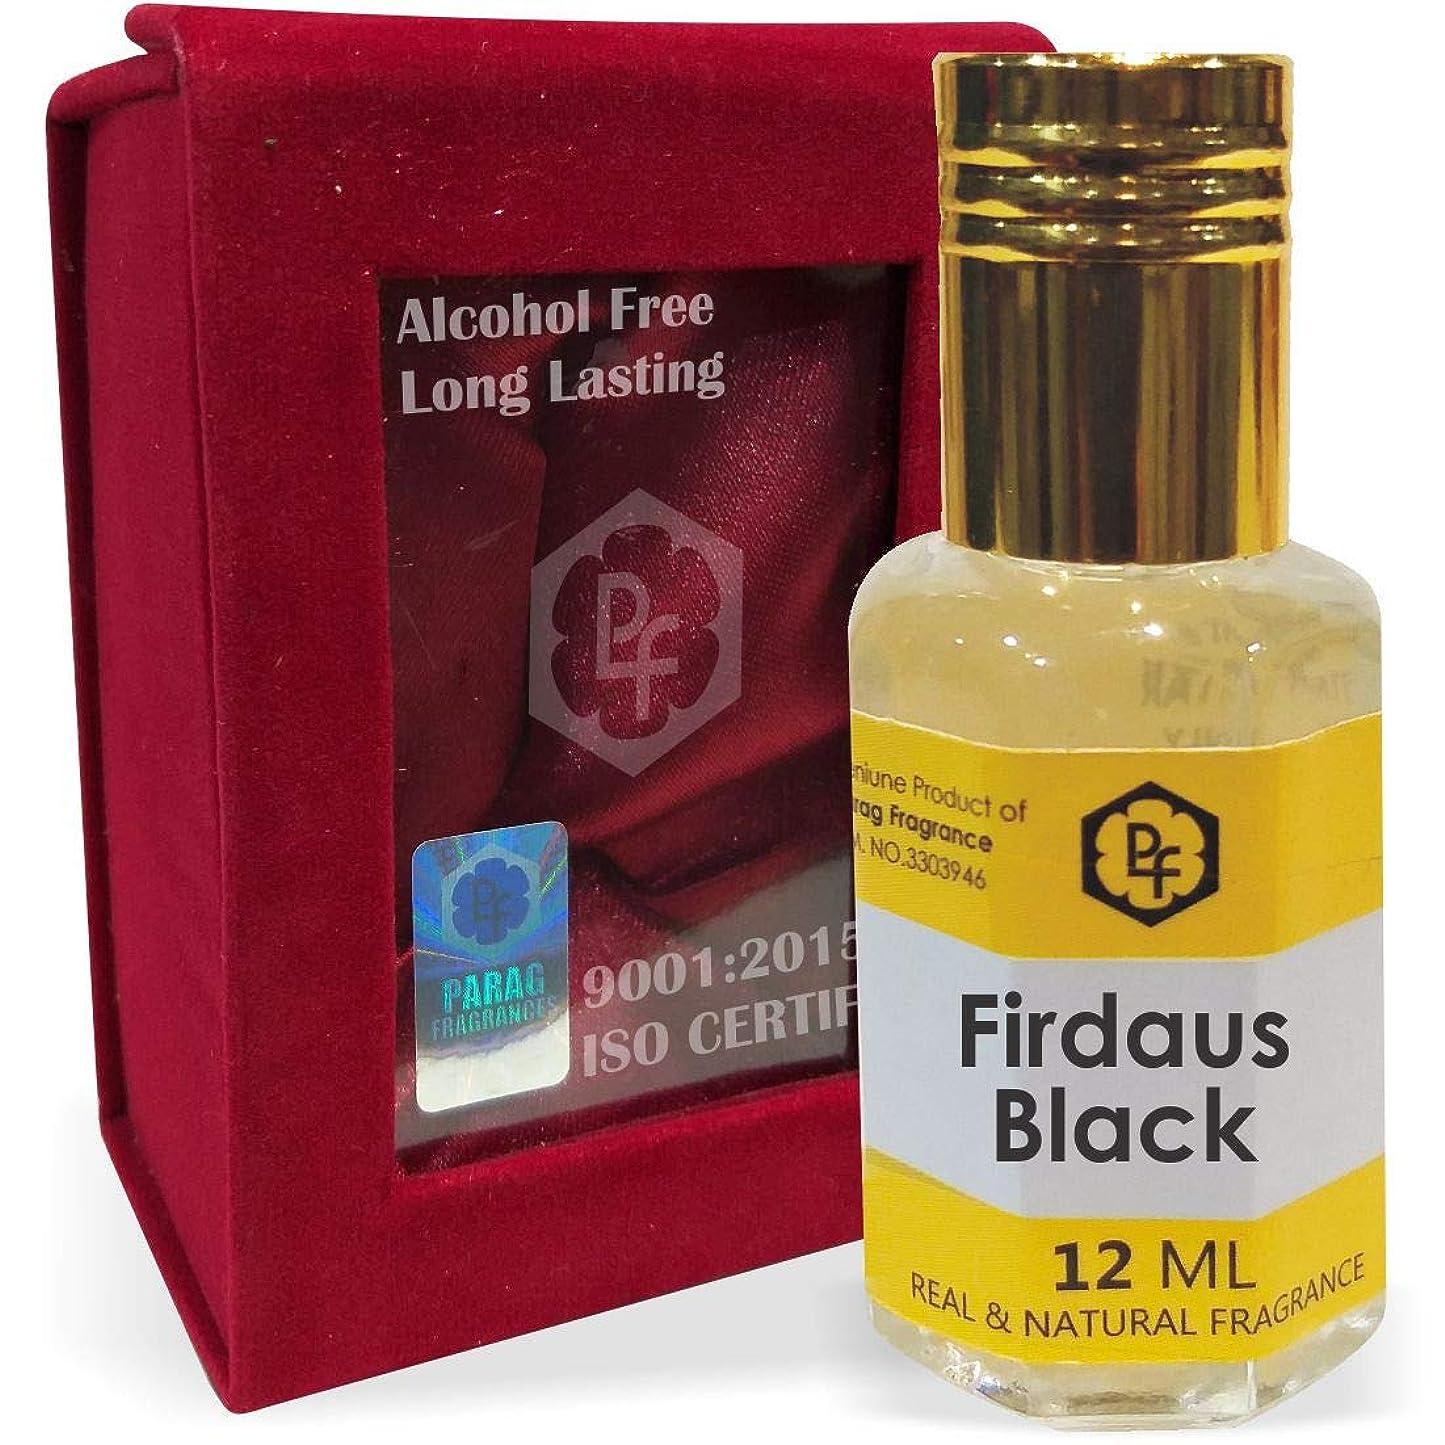 慰めシンプルさ疼痛手作りのベルベットボックスParagフレグランスフィルダウスブラック12ミリリットルアター/香油/(インドの伝統的なBhapka処理方法により、インド製)フレグランスオイル|アターITRA最高の品質長持ち